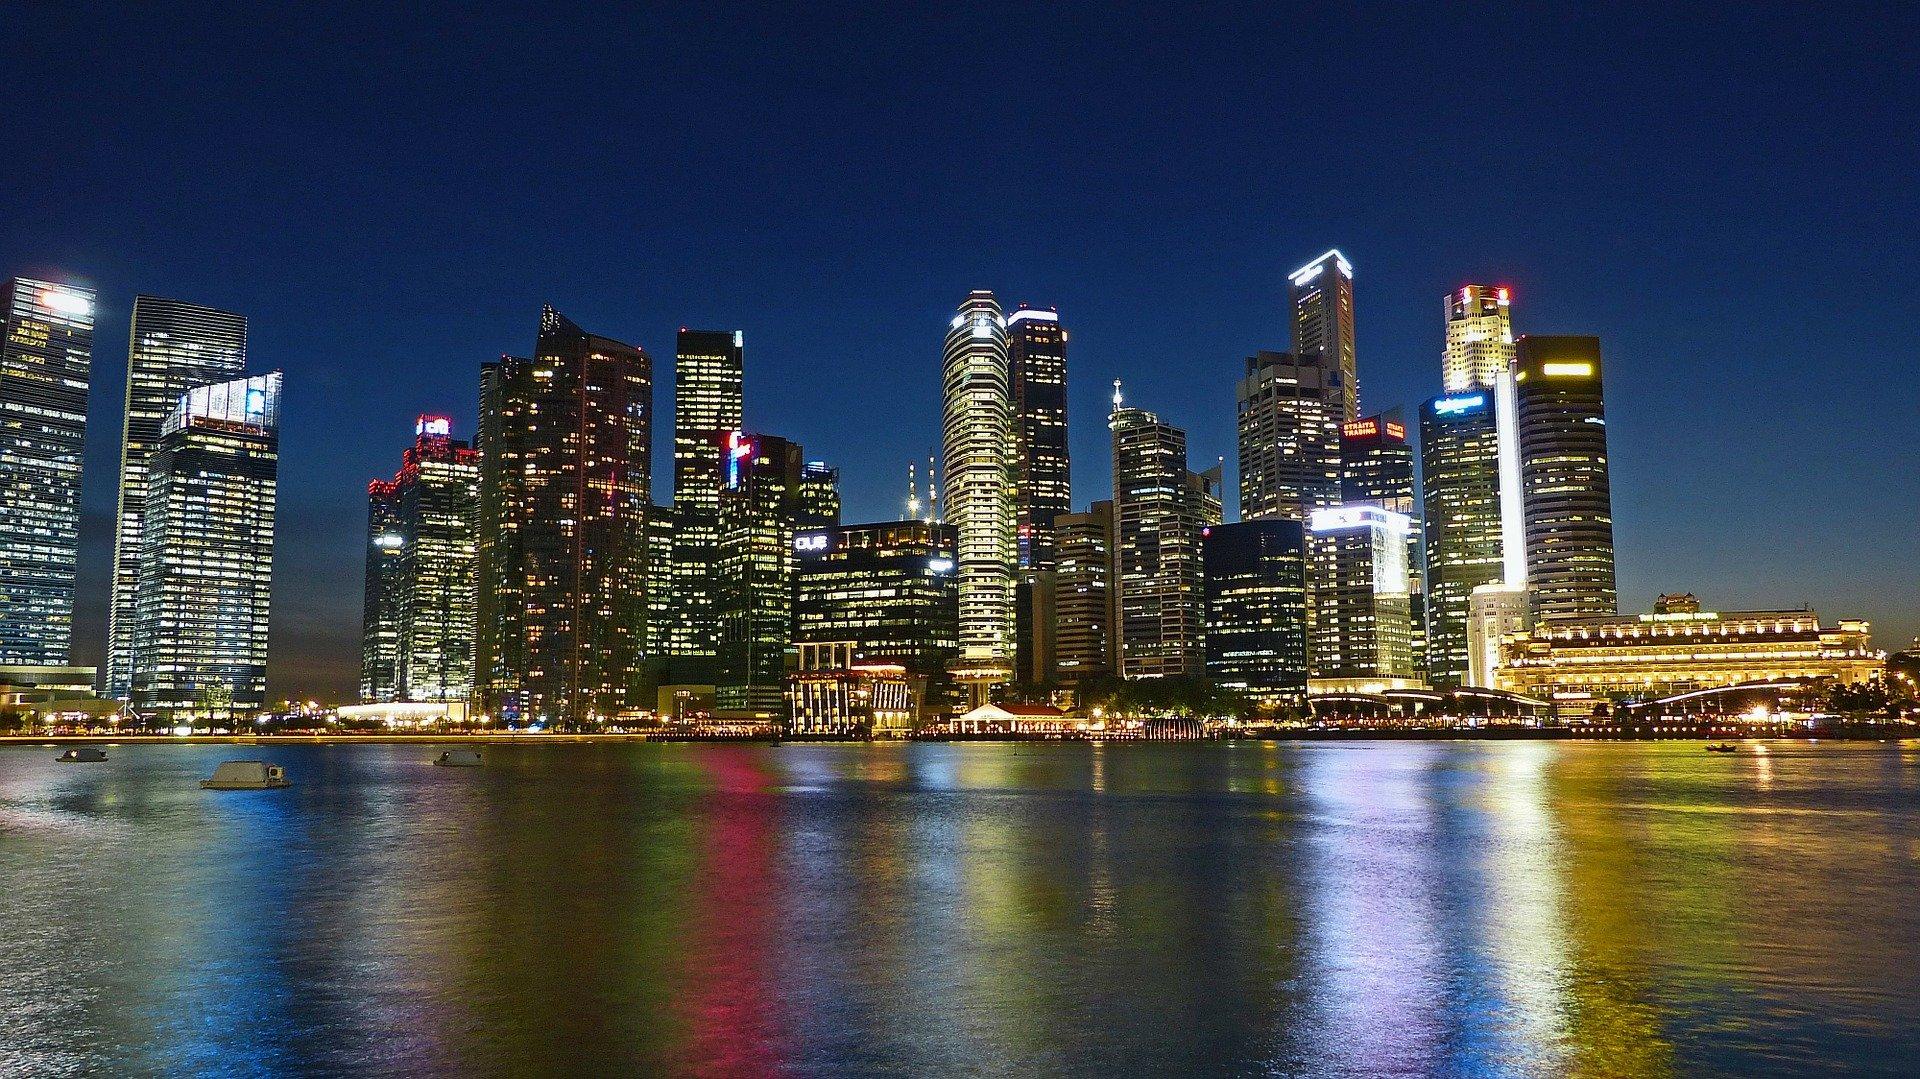 سويسرا تزيح سنغافورة وتتربع موقع الصدارة للتصنيف العالمي للتنافسية